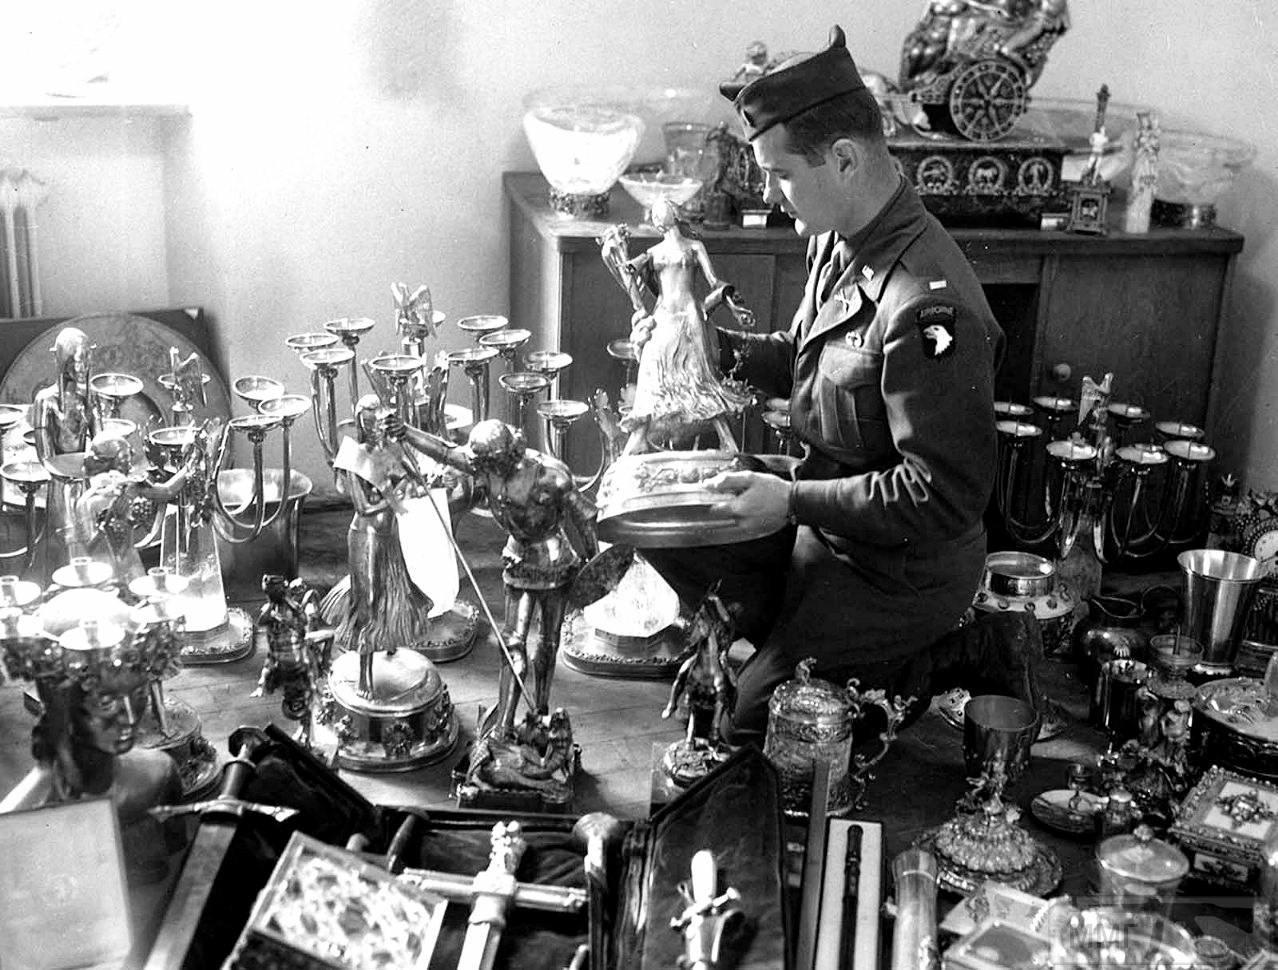 59006 - Военное фото 1939-1945 г.г. Западный фронт и Африка.